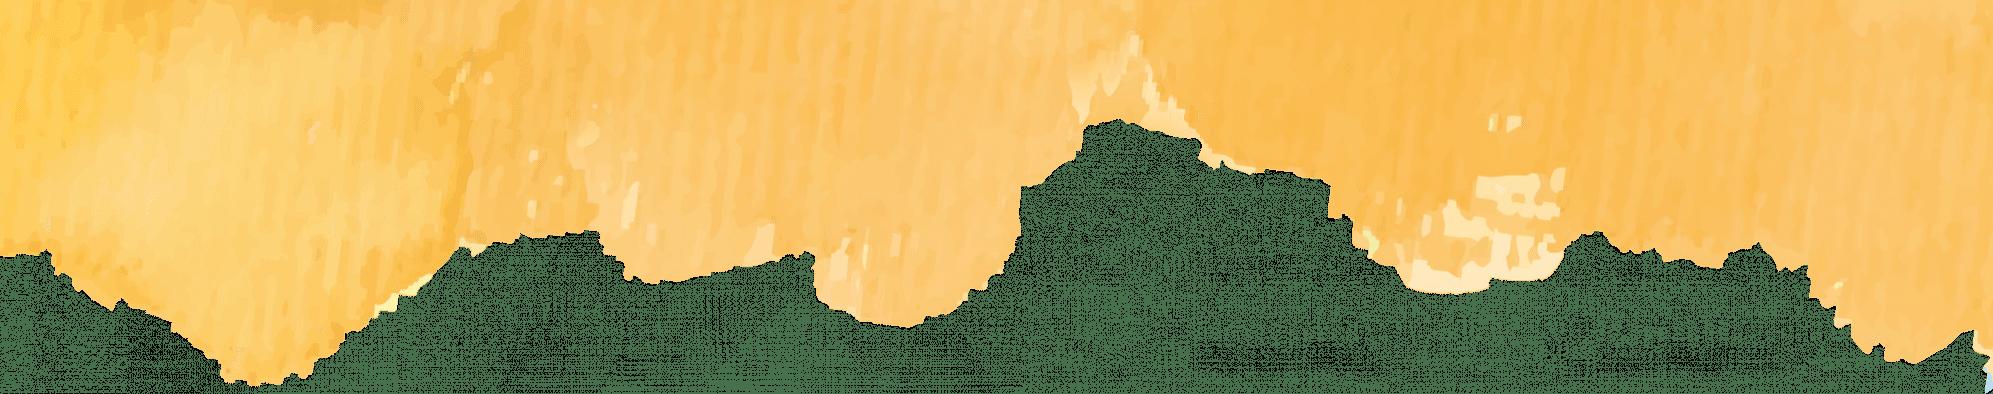 Sie finden in Zingst keine besser gelegene Unterkunft, um Ihren Urlaub Richtung Strand, Meer und Wohlbefinden zu starten. Unsere wunderschönen Ferienwohnungen, ruhig aber zentral – nur eine Querstraße von der beliebten Seebrücke gelegen, hat sich zu einem sehr beliebten ganzjährigen Urlaubsziel unserer zahlreichen Stammgäste entwickelt und bietet Ihnen jeglichen wünschenswerten Komfort für einen gelungenen und günstigen Ostseeurlaub in Zingst.